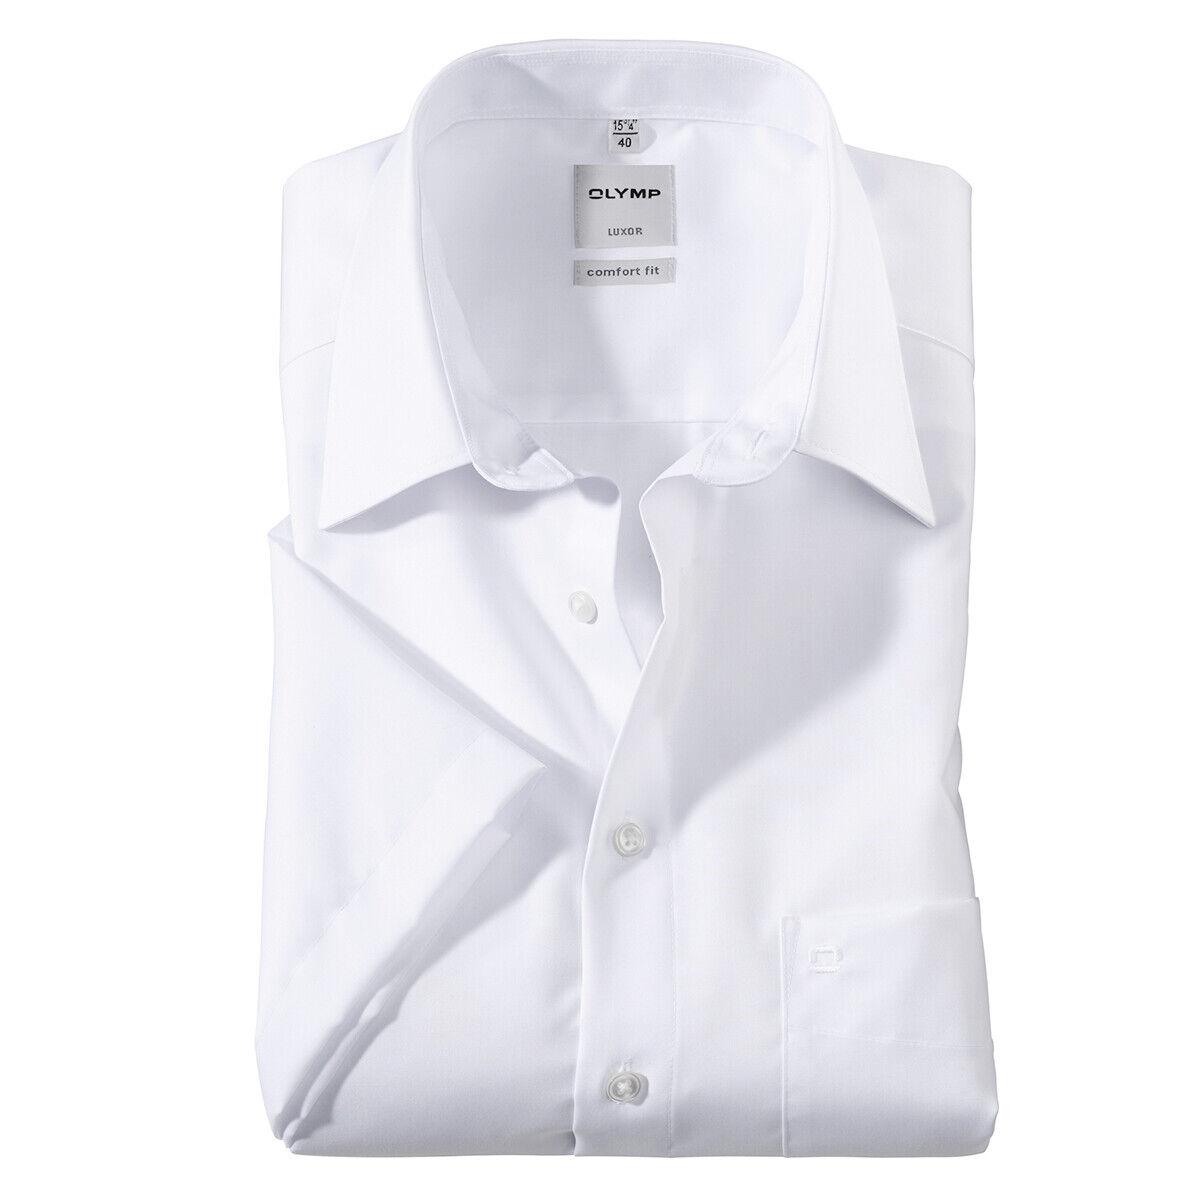 XXL Olymp bügelfreies Kurzarm-Businesshemd weiß 42 43 44 45 46 47 48 49 50 NEU